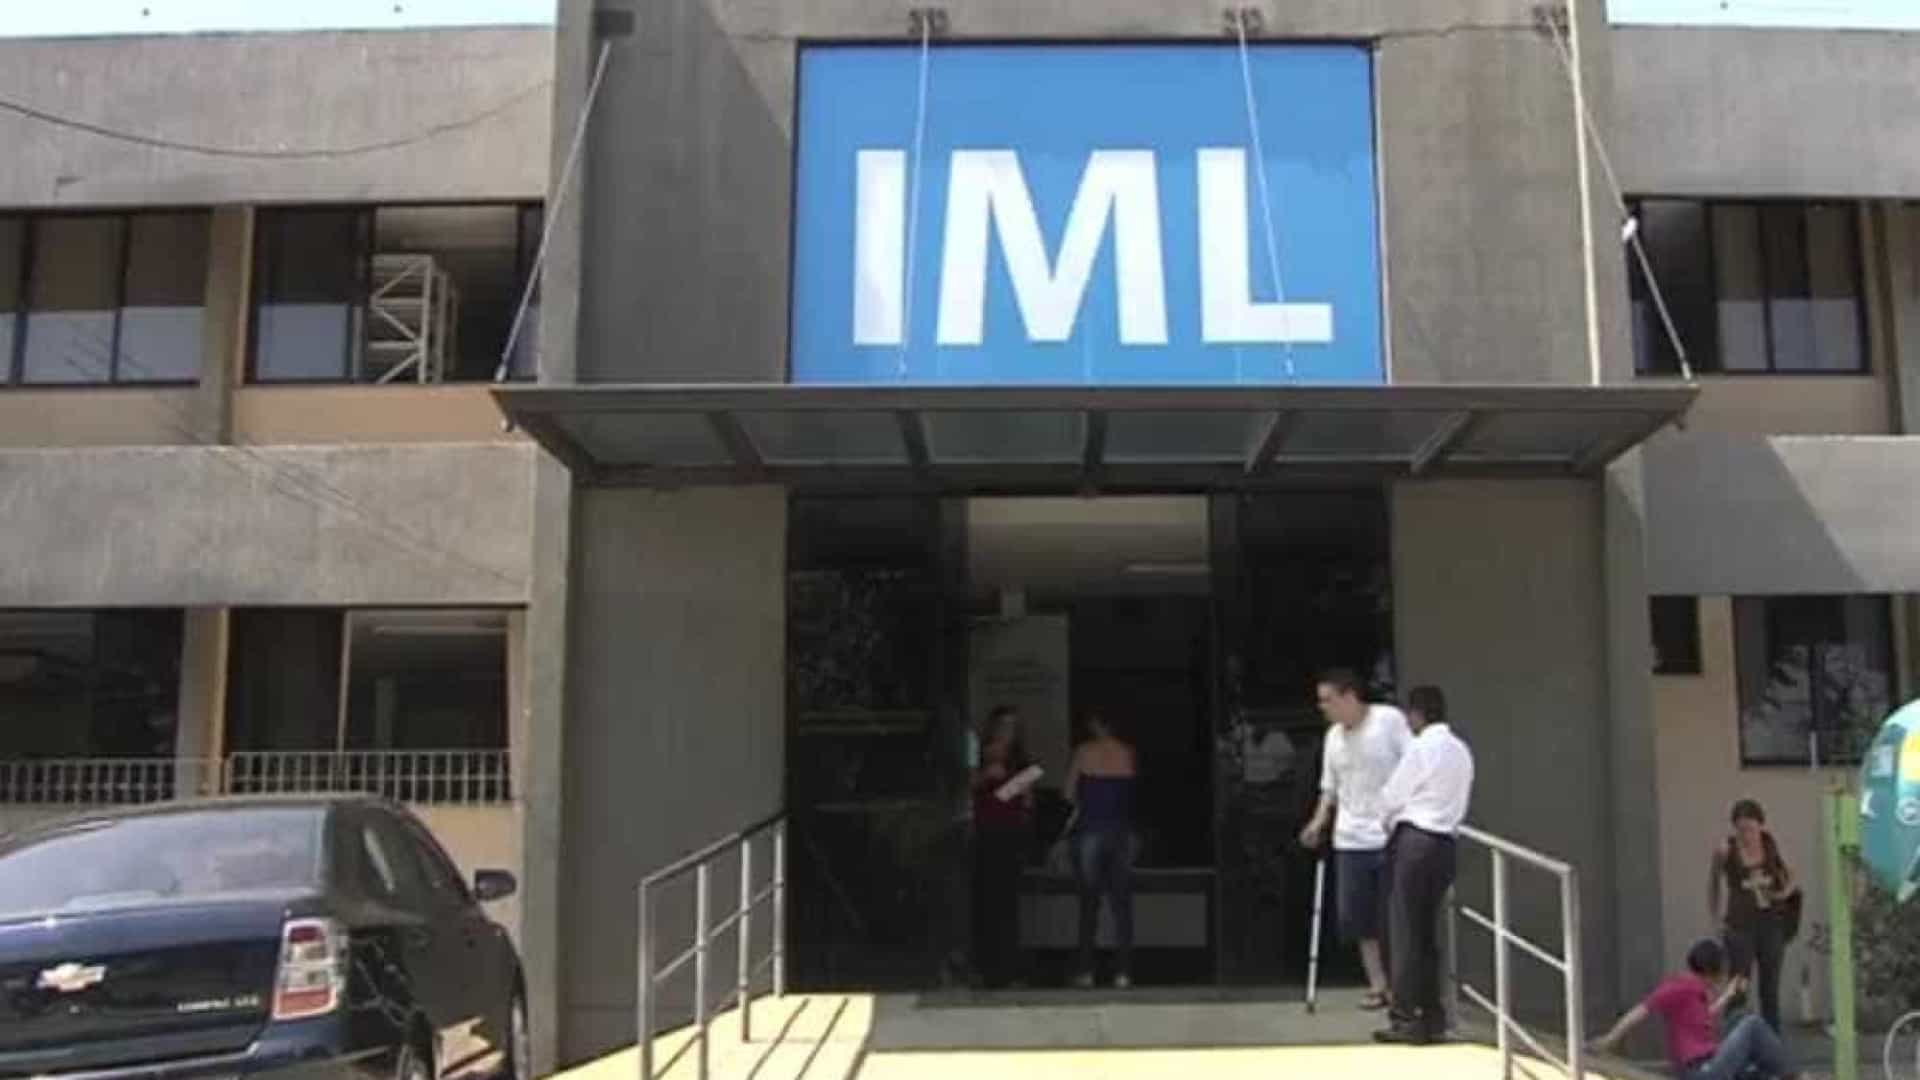 Corpos de vítimas de incêndio em hospital do Rio estão no IML